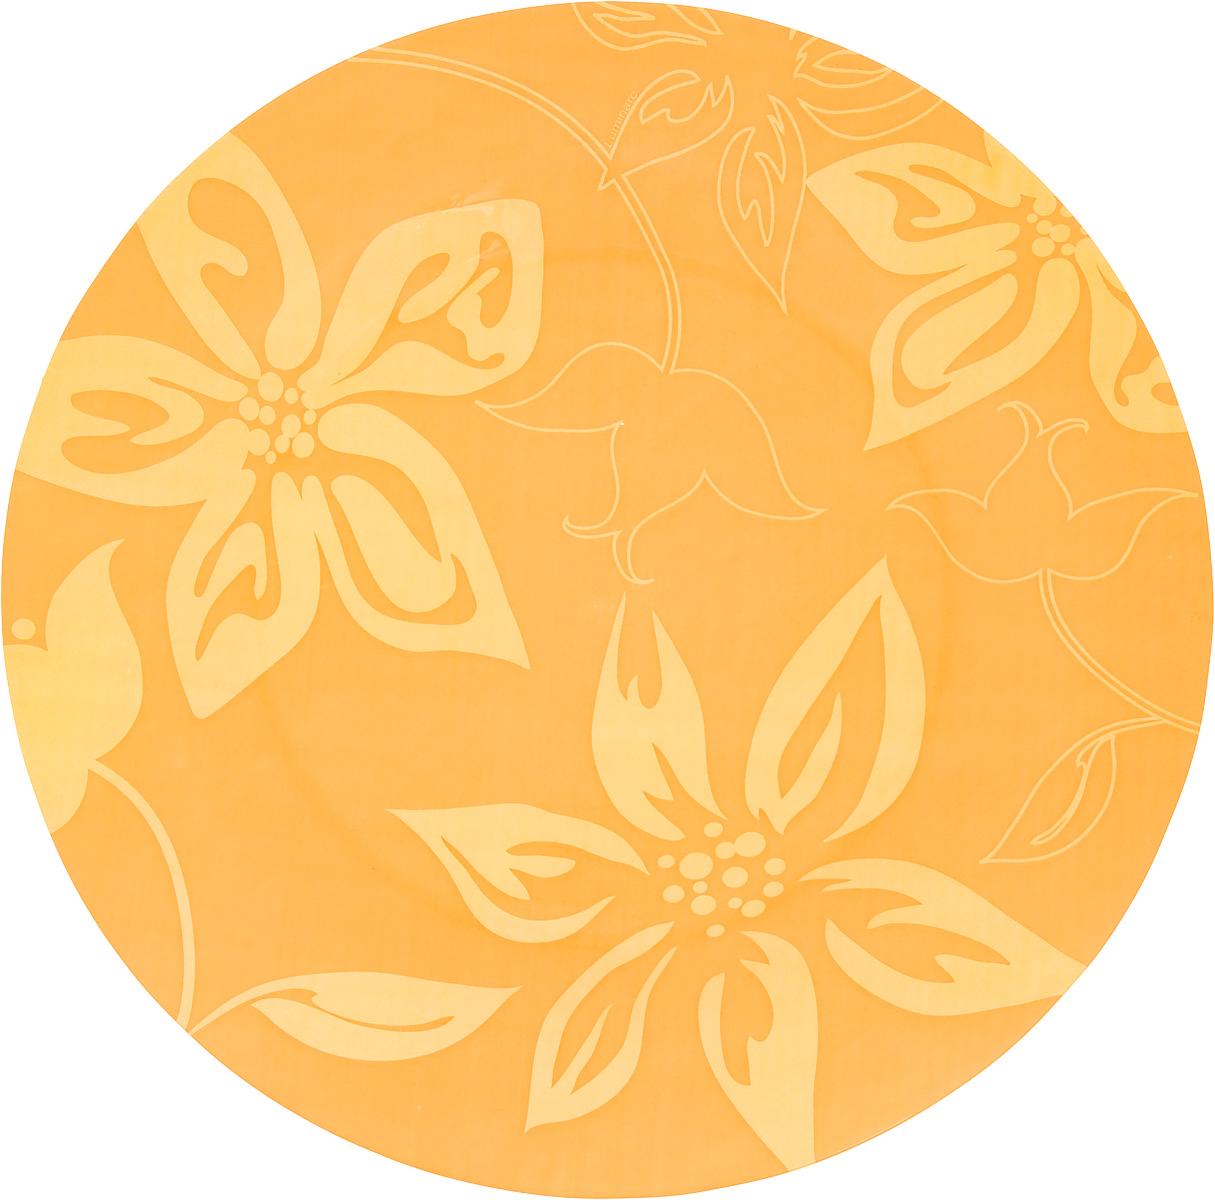 Тарелка Luminarc Lily Flower, диаметр 25,2 смH4264Тарелка Luminarc Lily Flower выполнена из ударопрочного стекла и украшена цветочным изображением. Она прекрасно впишется в интерьер вашей кухни и станет достойным дополнением к кухонному инвентарю. Тарелка Luminarc Lily Flower подчеркнет прекрасный вкус хозяйки и станет отличным подарком. Диаметр тарелки (по верхнему краю): 25,2 см.